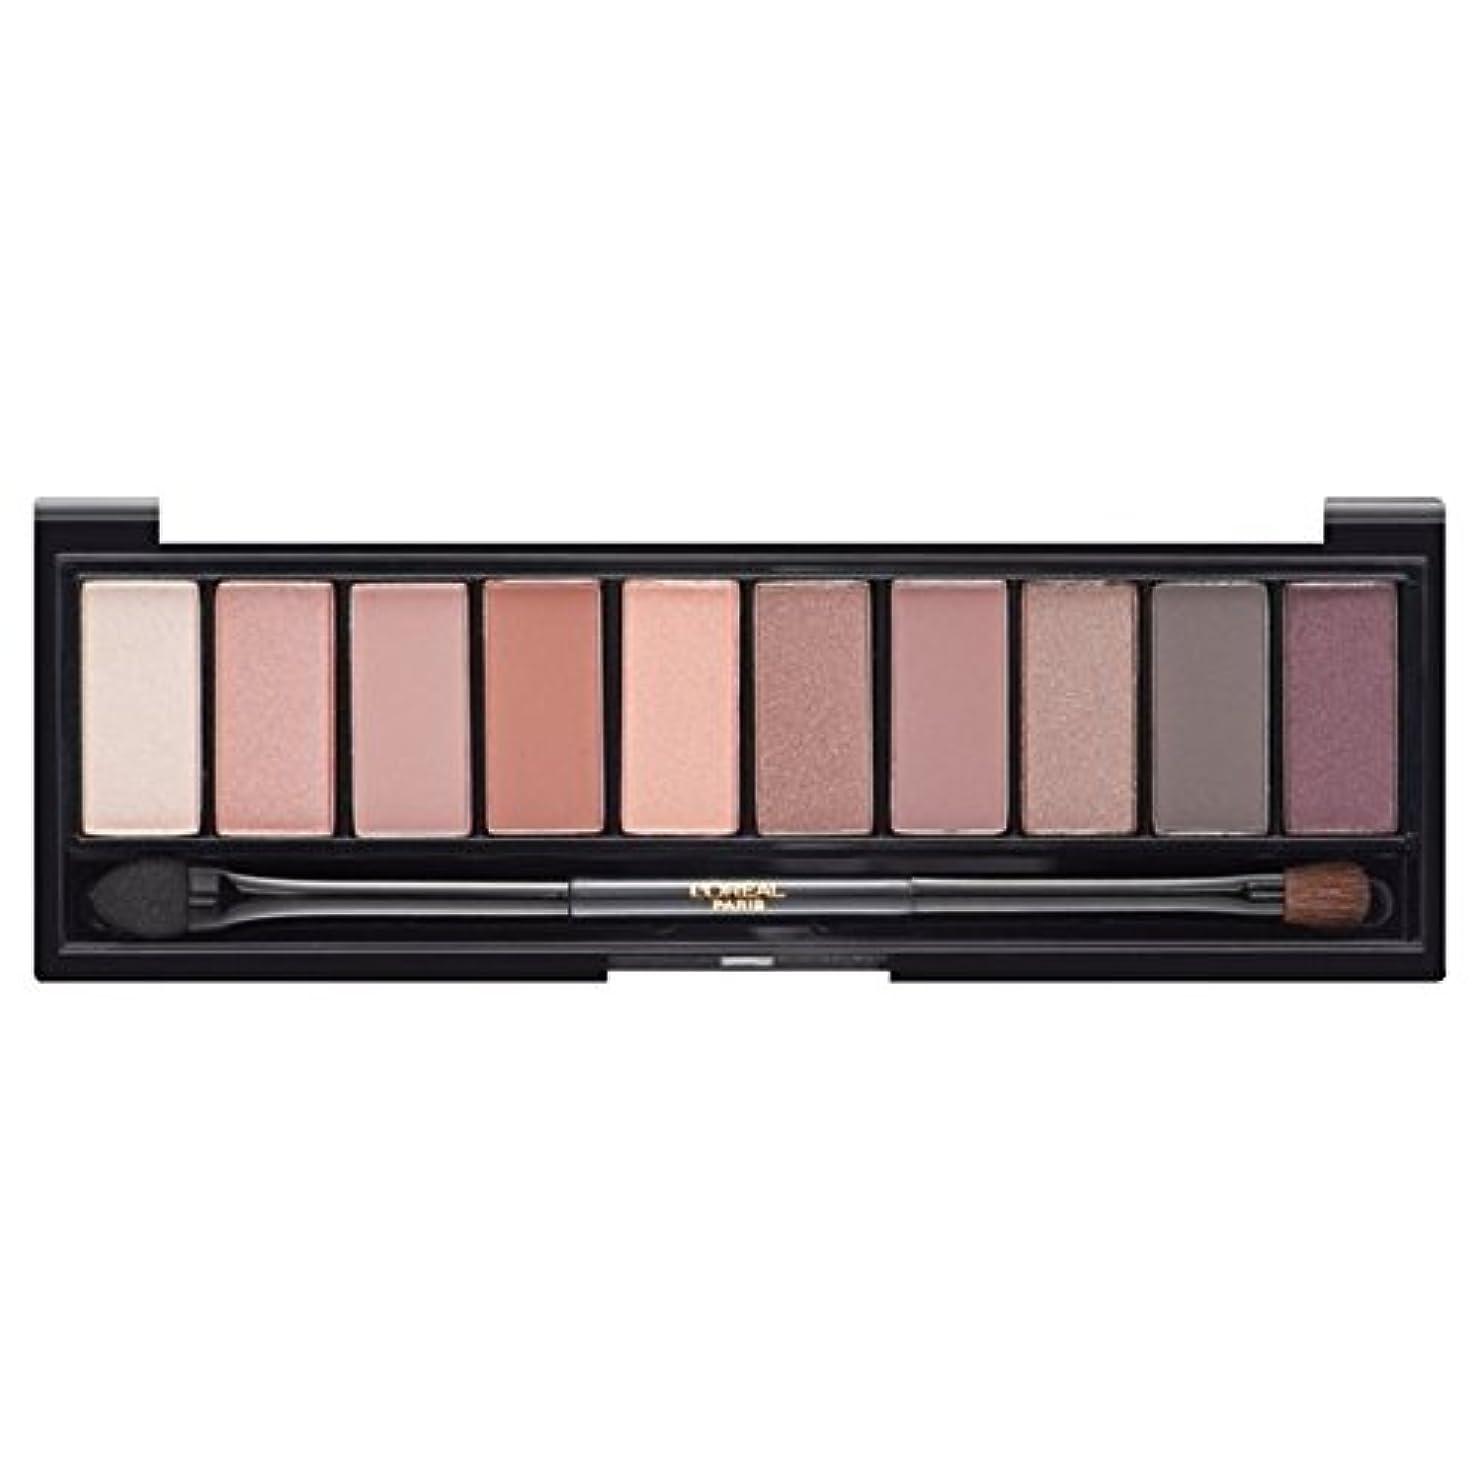 チャンピオン処方するスラム街L'Oreal Paris Color Riche La Palette Eyeshadow, Nude Rose (Pack of 6) - ロレアルパリカラーリッシュ?ラ?パレットのアイシャドウ、ヌードバラ x6 [並行輸入品]